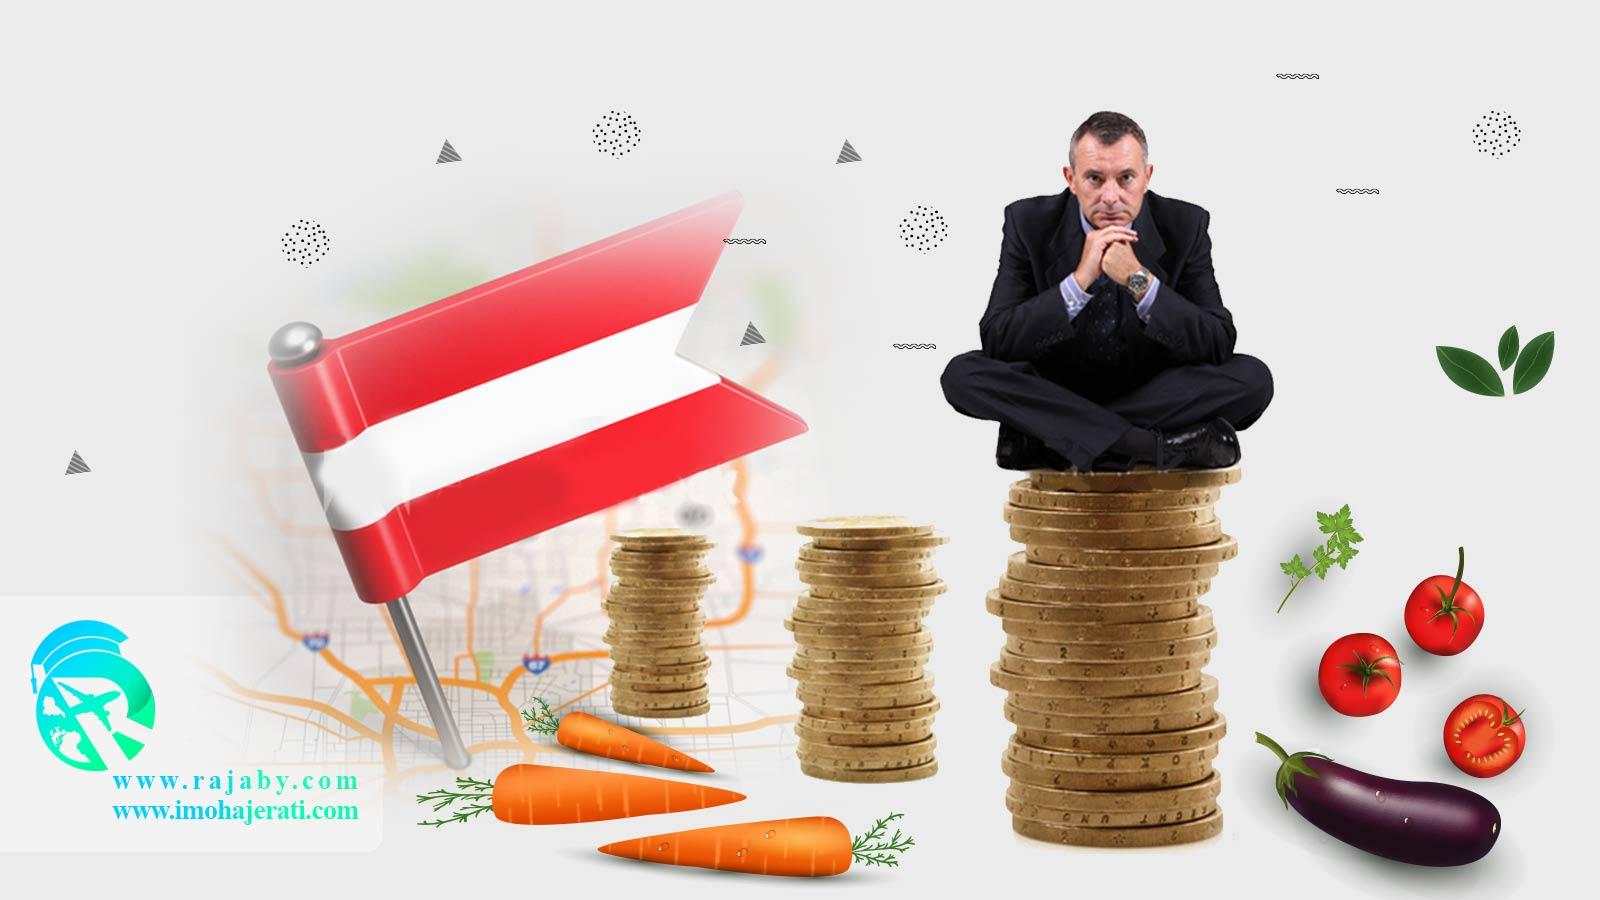 هزینه خورد و خوراک در اتریش